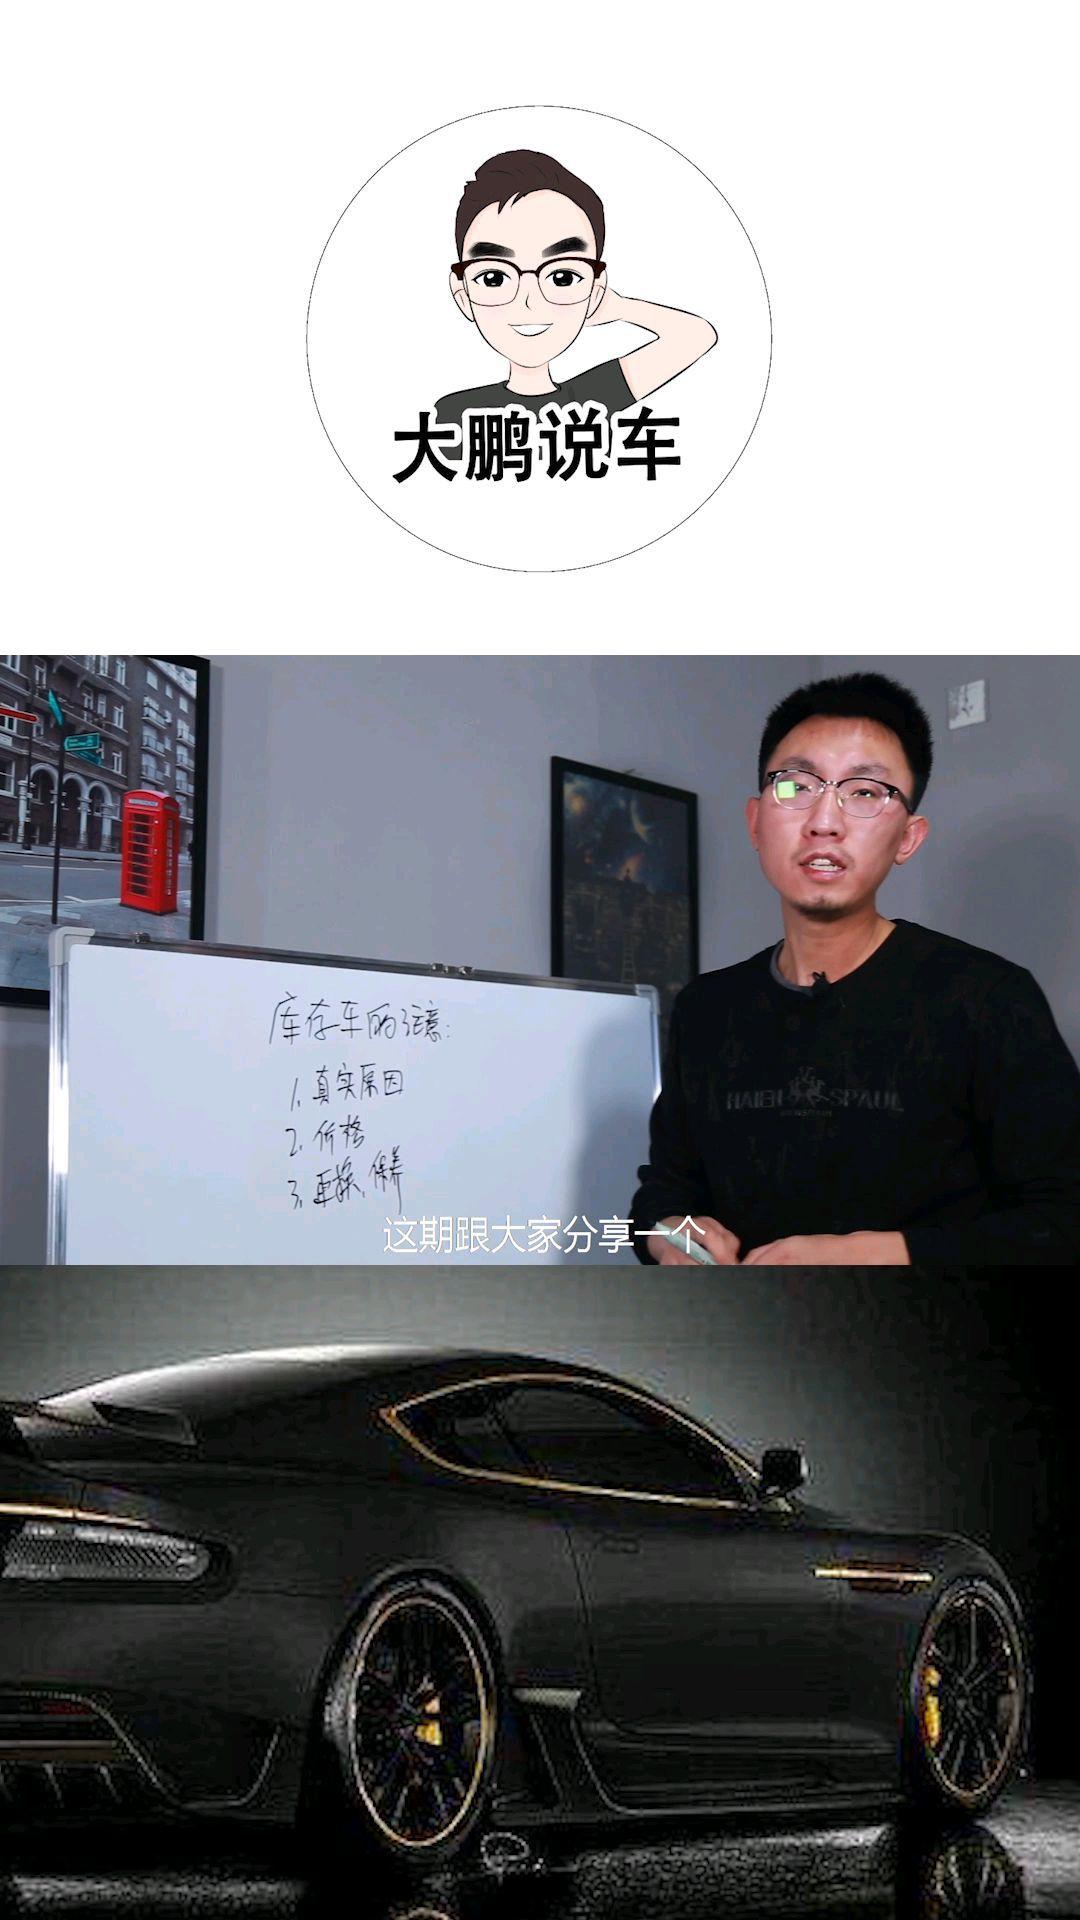 【大鹏说车】库存车的购买建议?有哪些要注意?